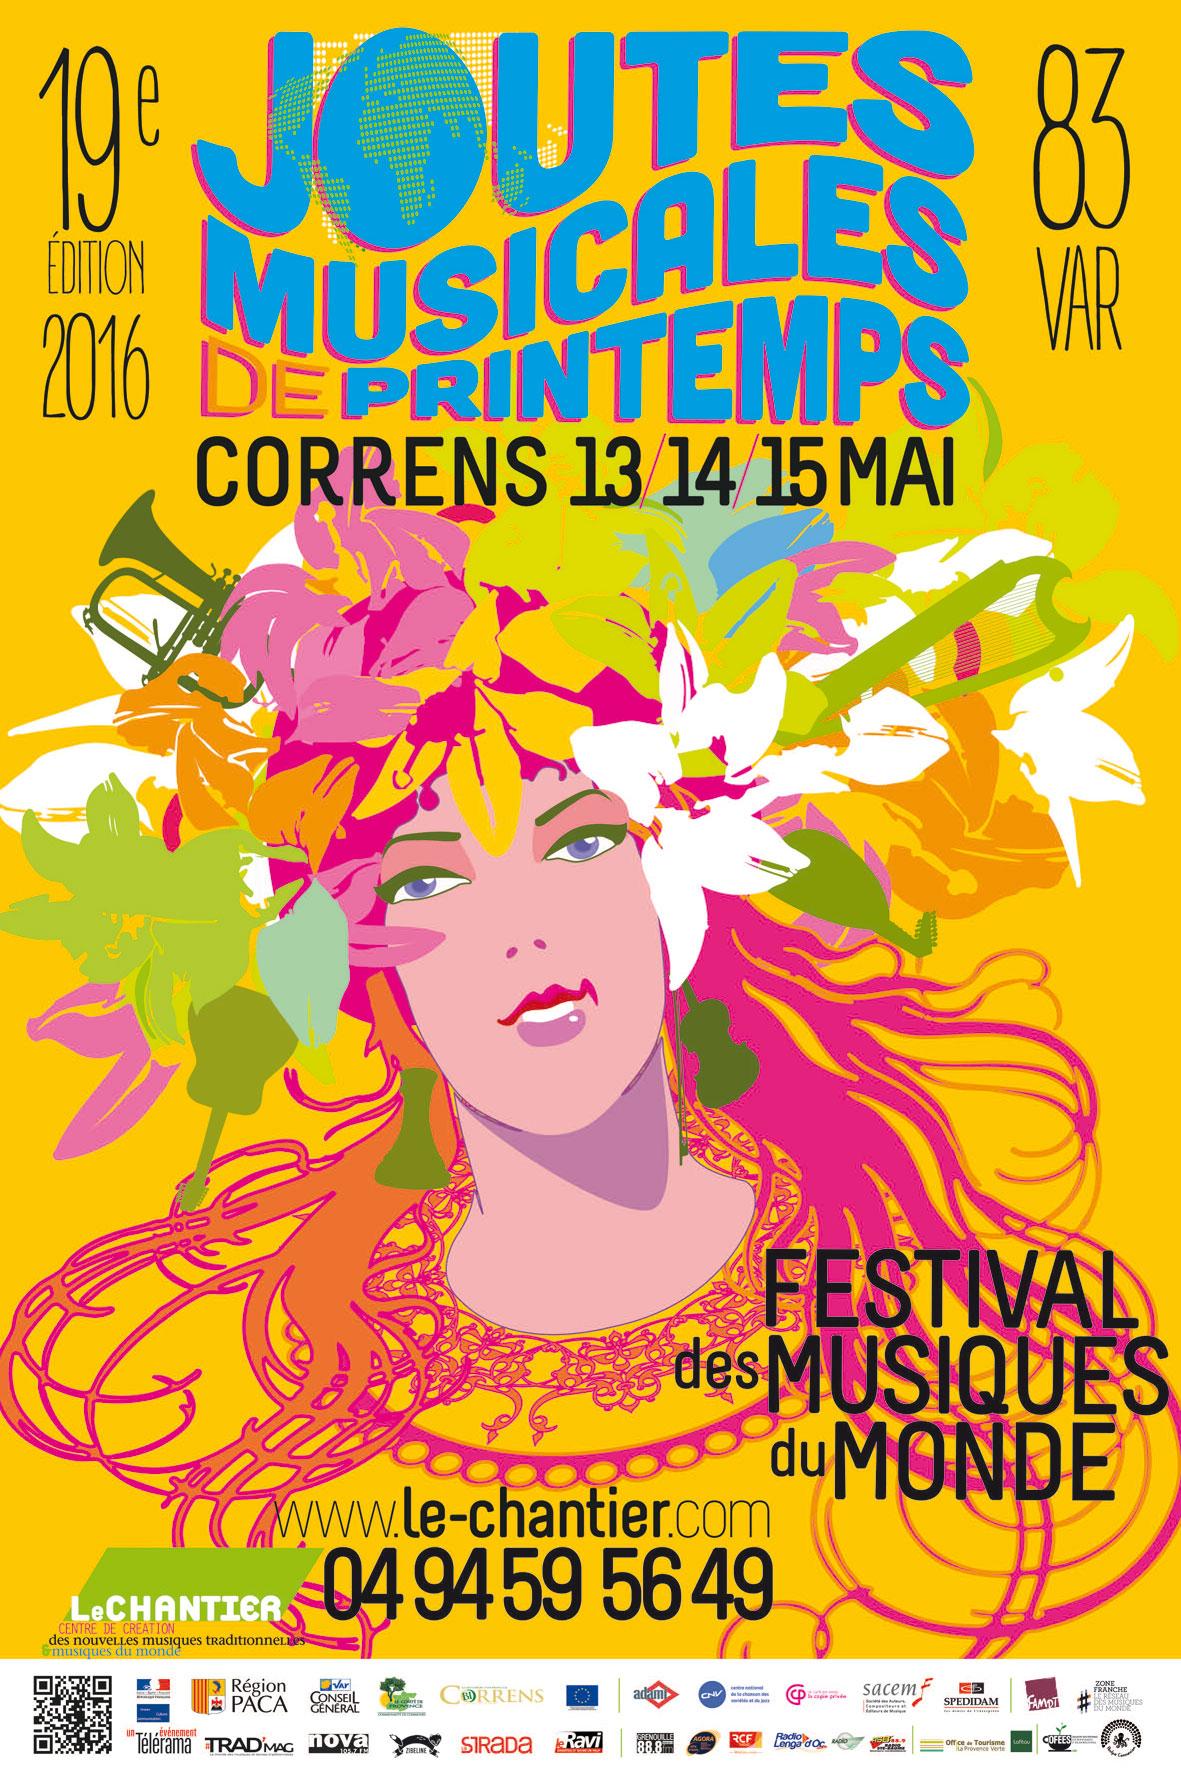 Affiche Joutes musicales de printemps - 19e édition - Festival des musiques du monde - 13-14-15 mai 2016